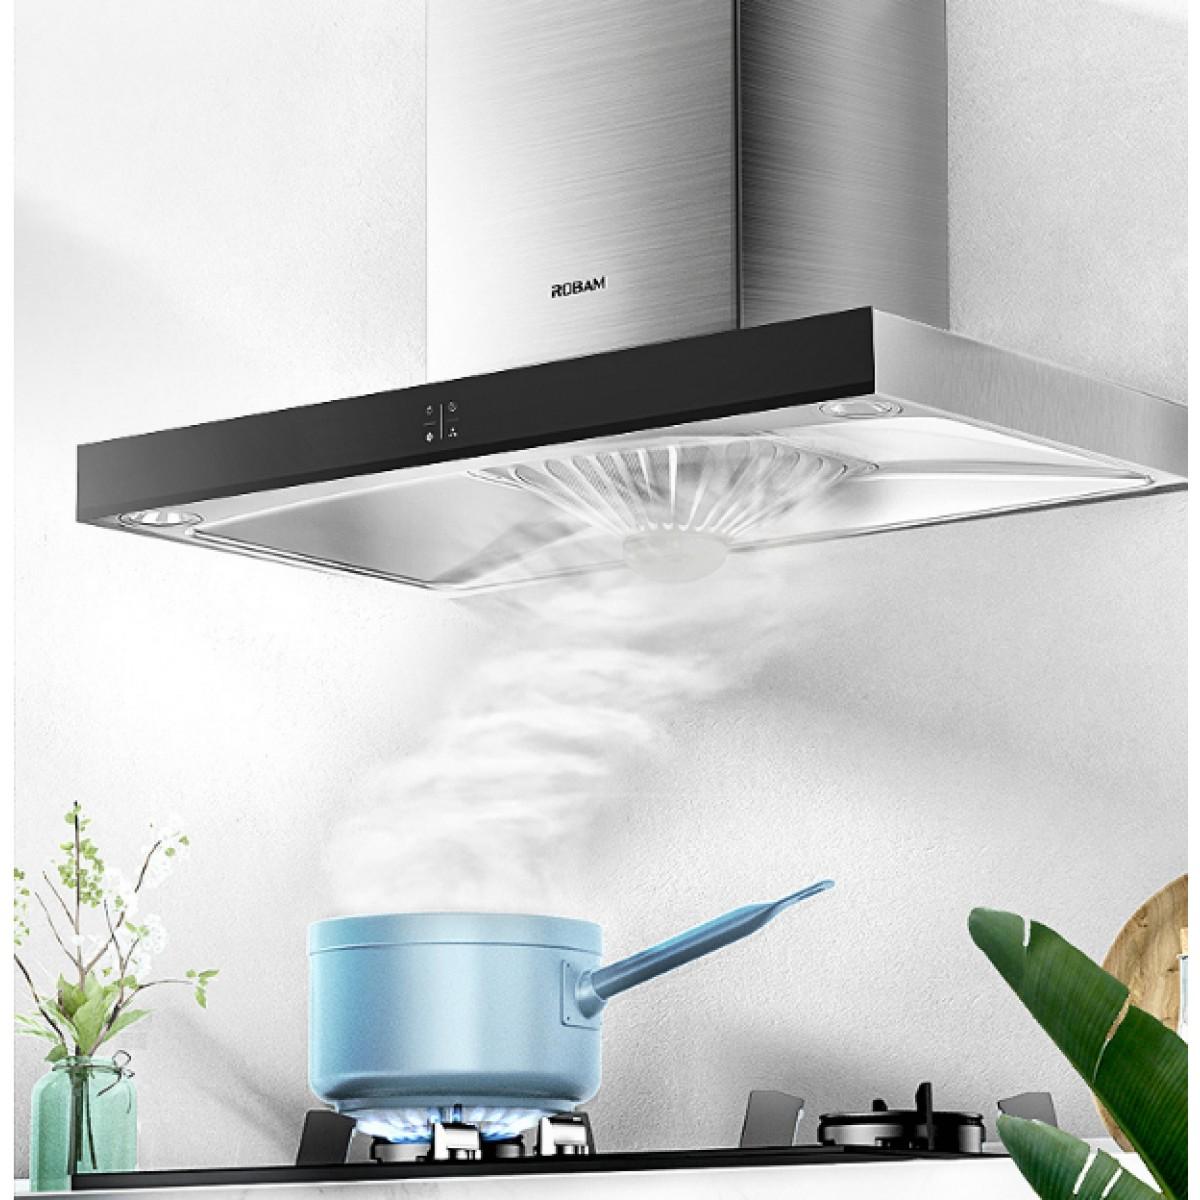 老板65X8+30B0吸抽油烟机燃气灶套餐烟机灶具套装厨房电器组合